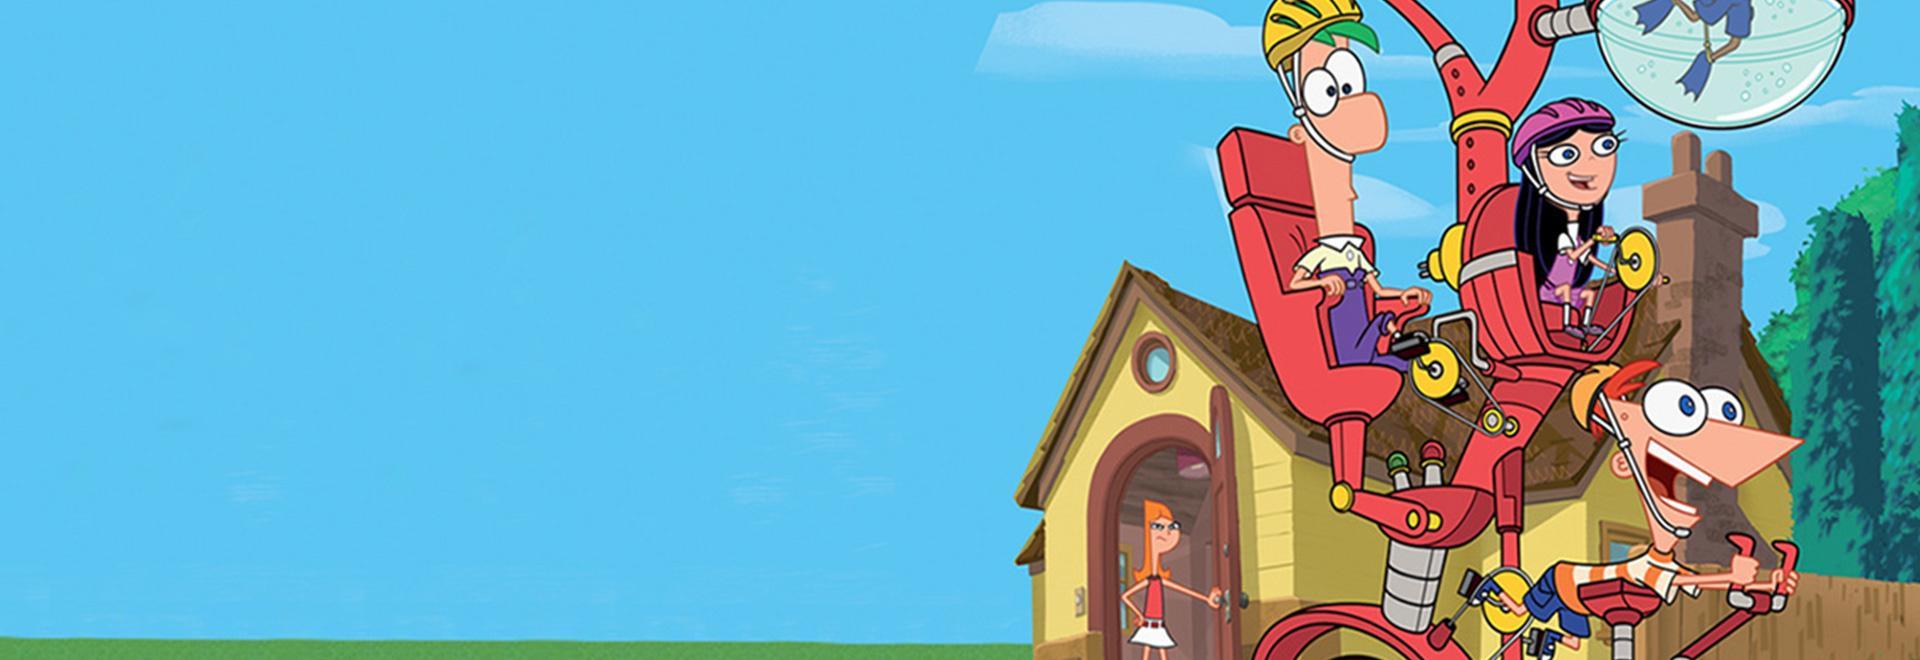 Dov'è Perry? 2a parte